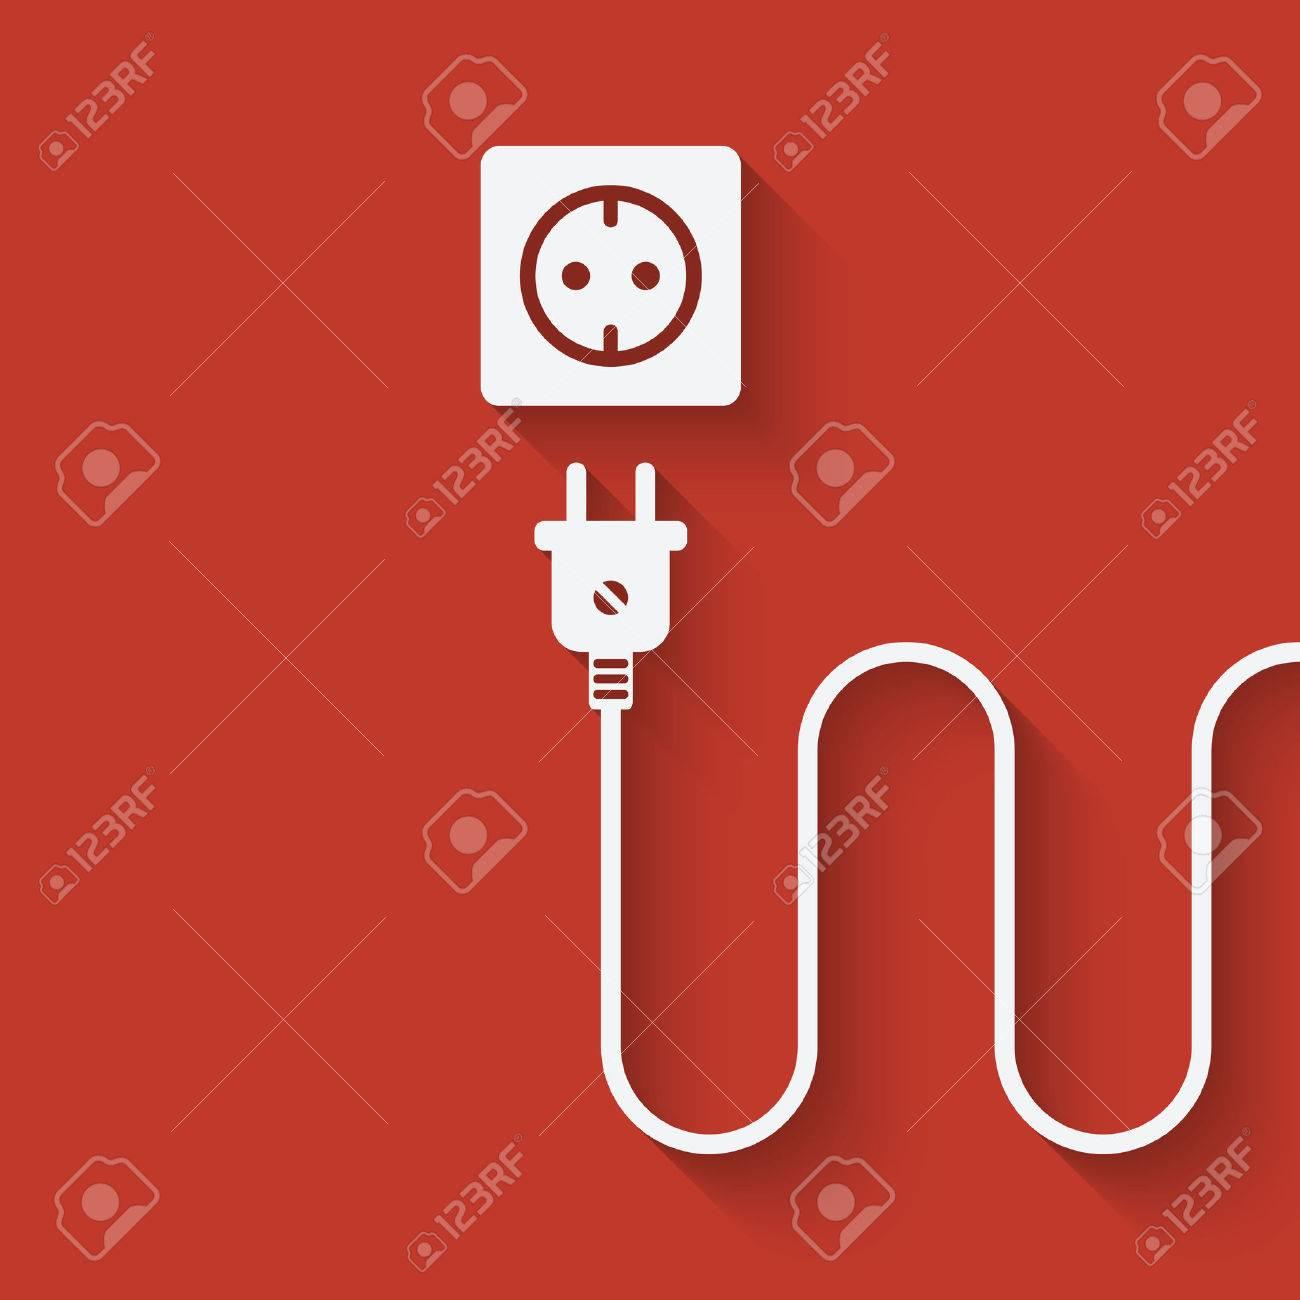 Großartig Elektrisches Symbol Für Draht Bilder - Elektrische ...